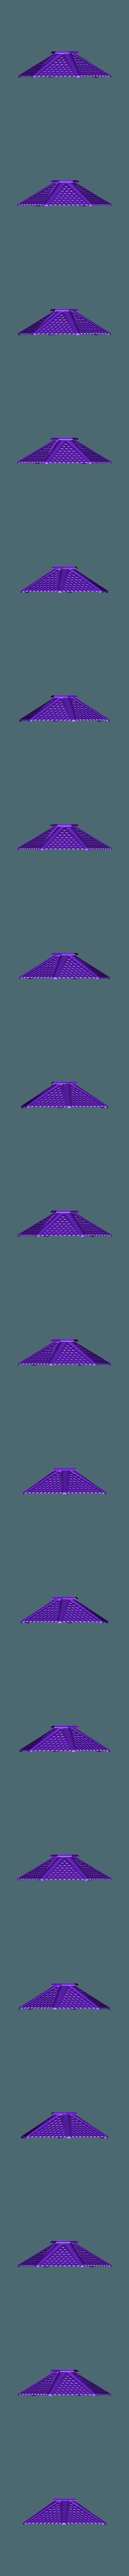 roof_whole.stl Télécharger fichier STL gratuit Maison des oiseaux • Modèle pour imprimante 3D, poblocki1982